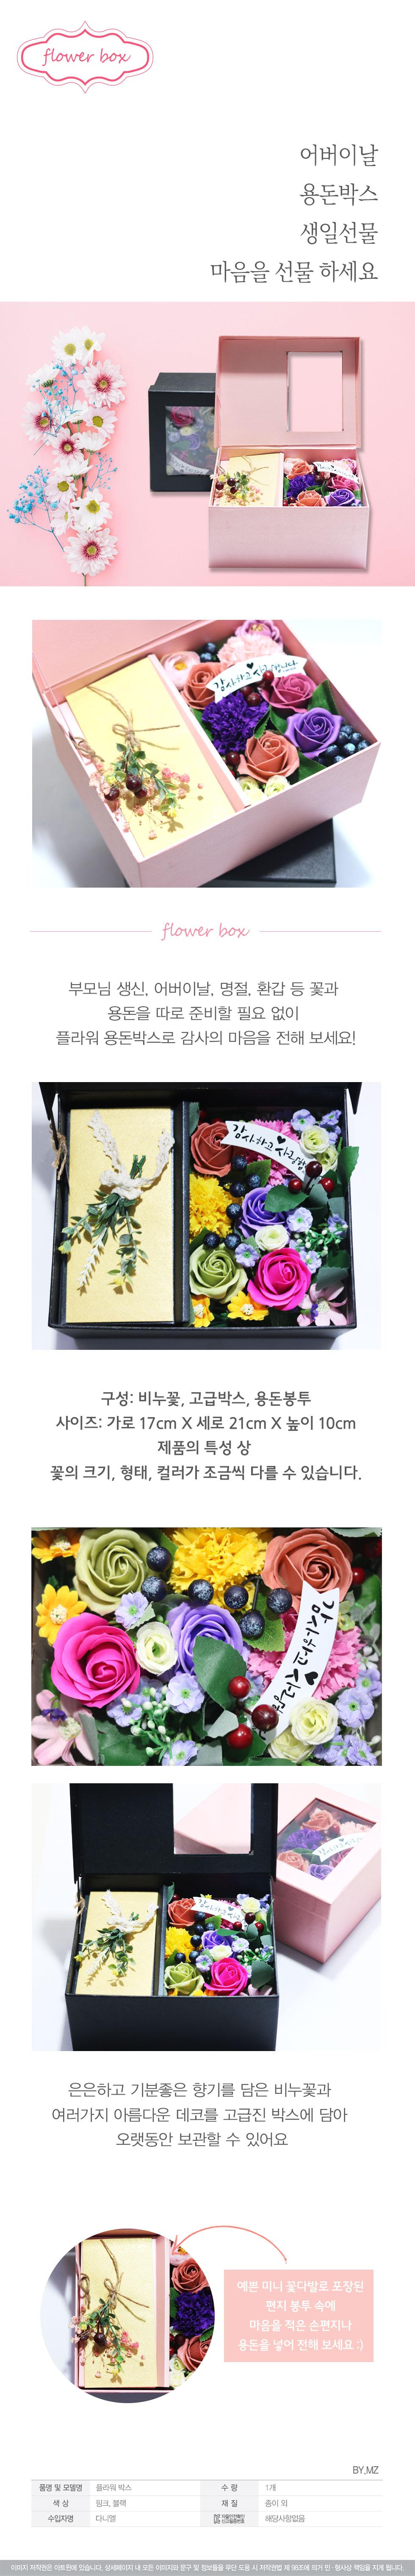 플라워박스 - 아트윈, 19,900원, 상자/케이스, 심플